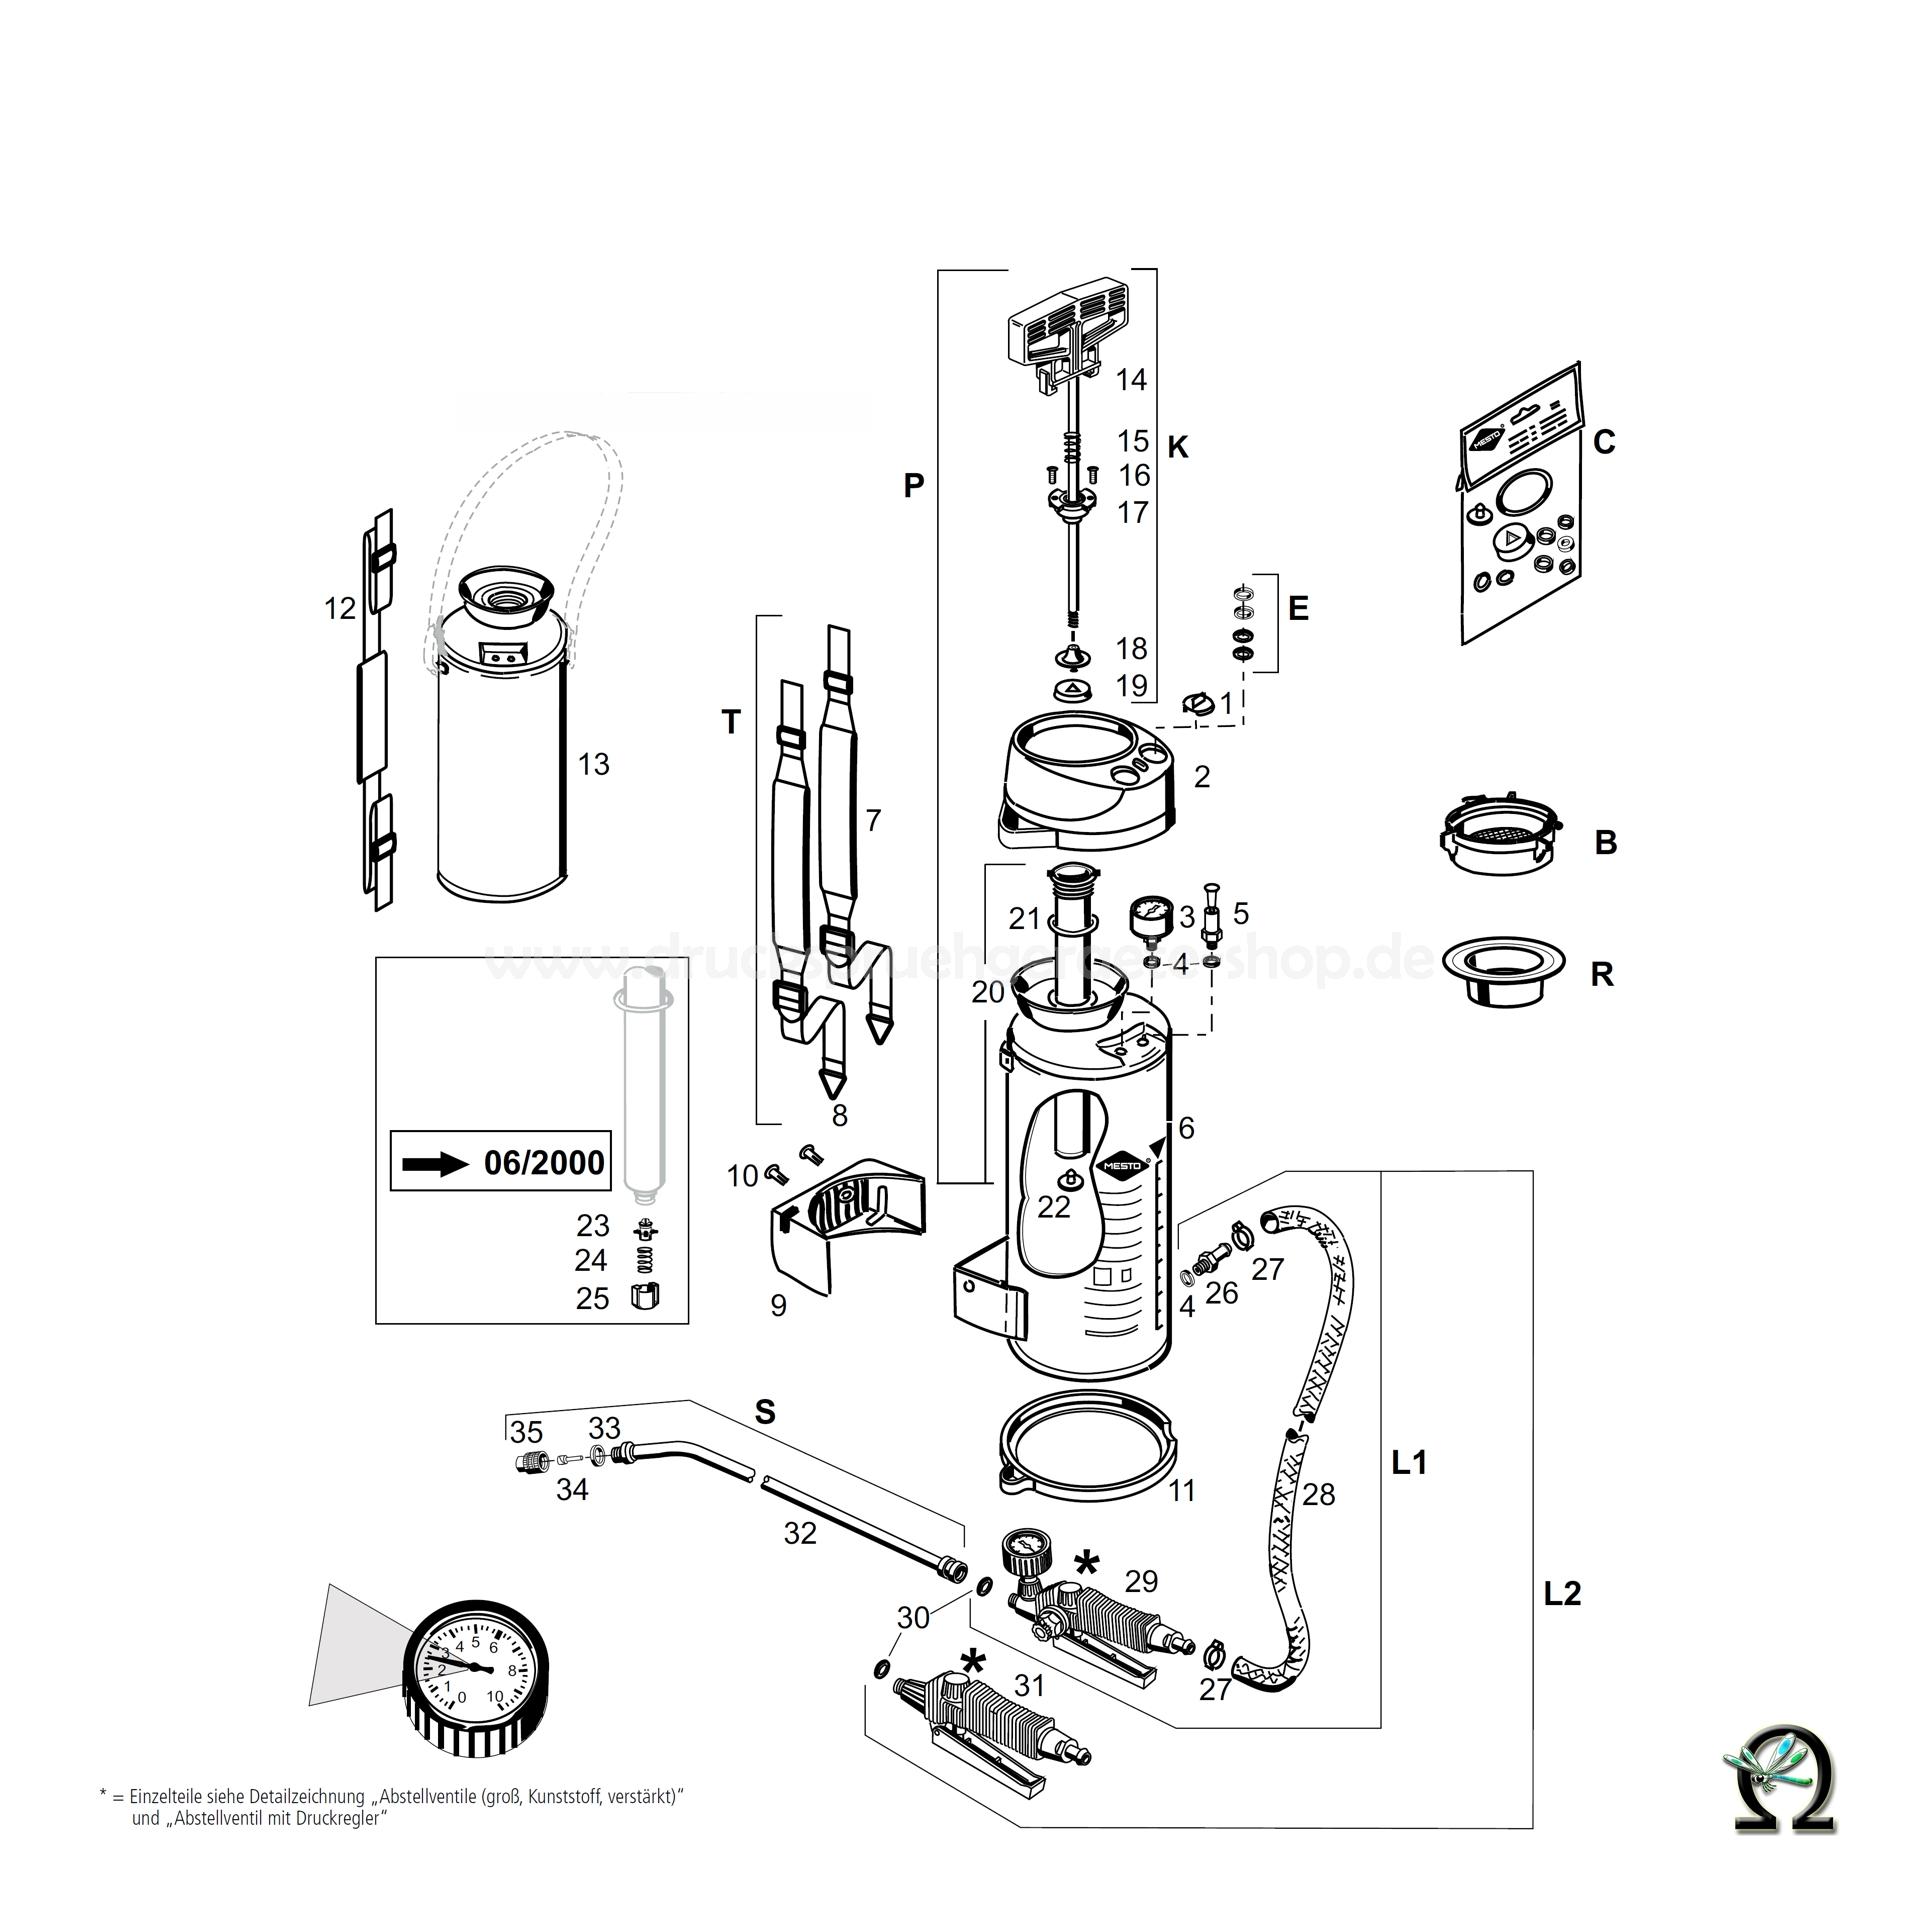 MESTO Hochdrucksprühgerät 3600 RESISTENT - 5 Liter, Zeichnung der Einzelteile